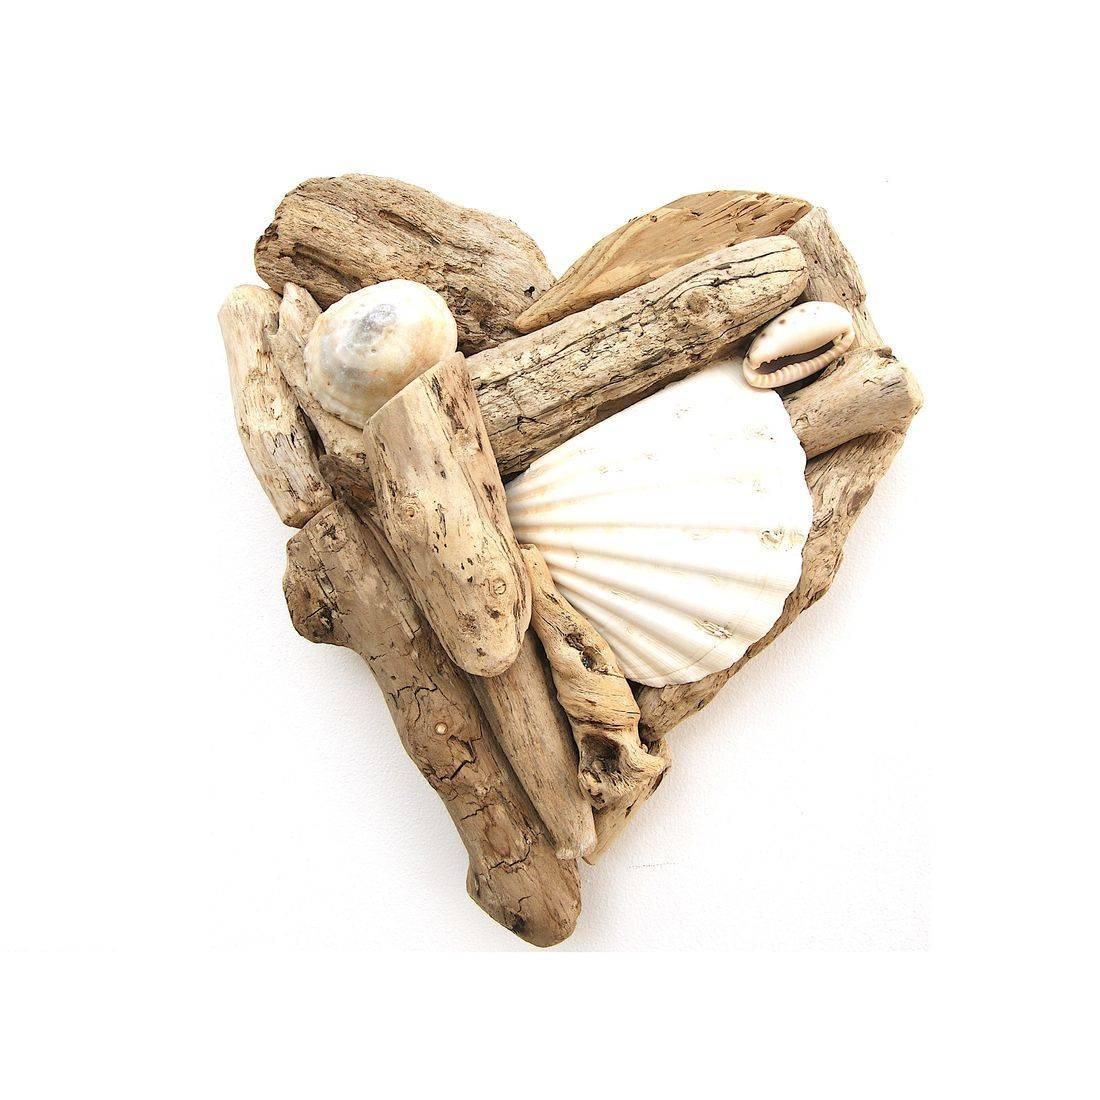 Driftwood Heart 5